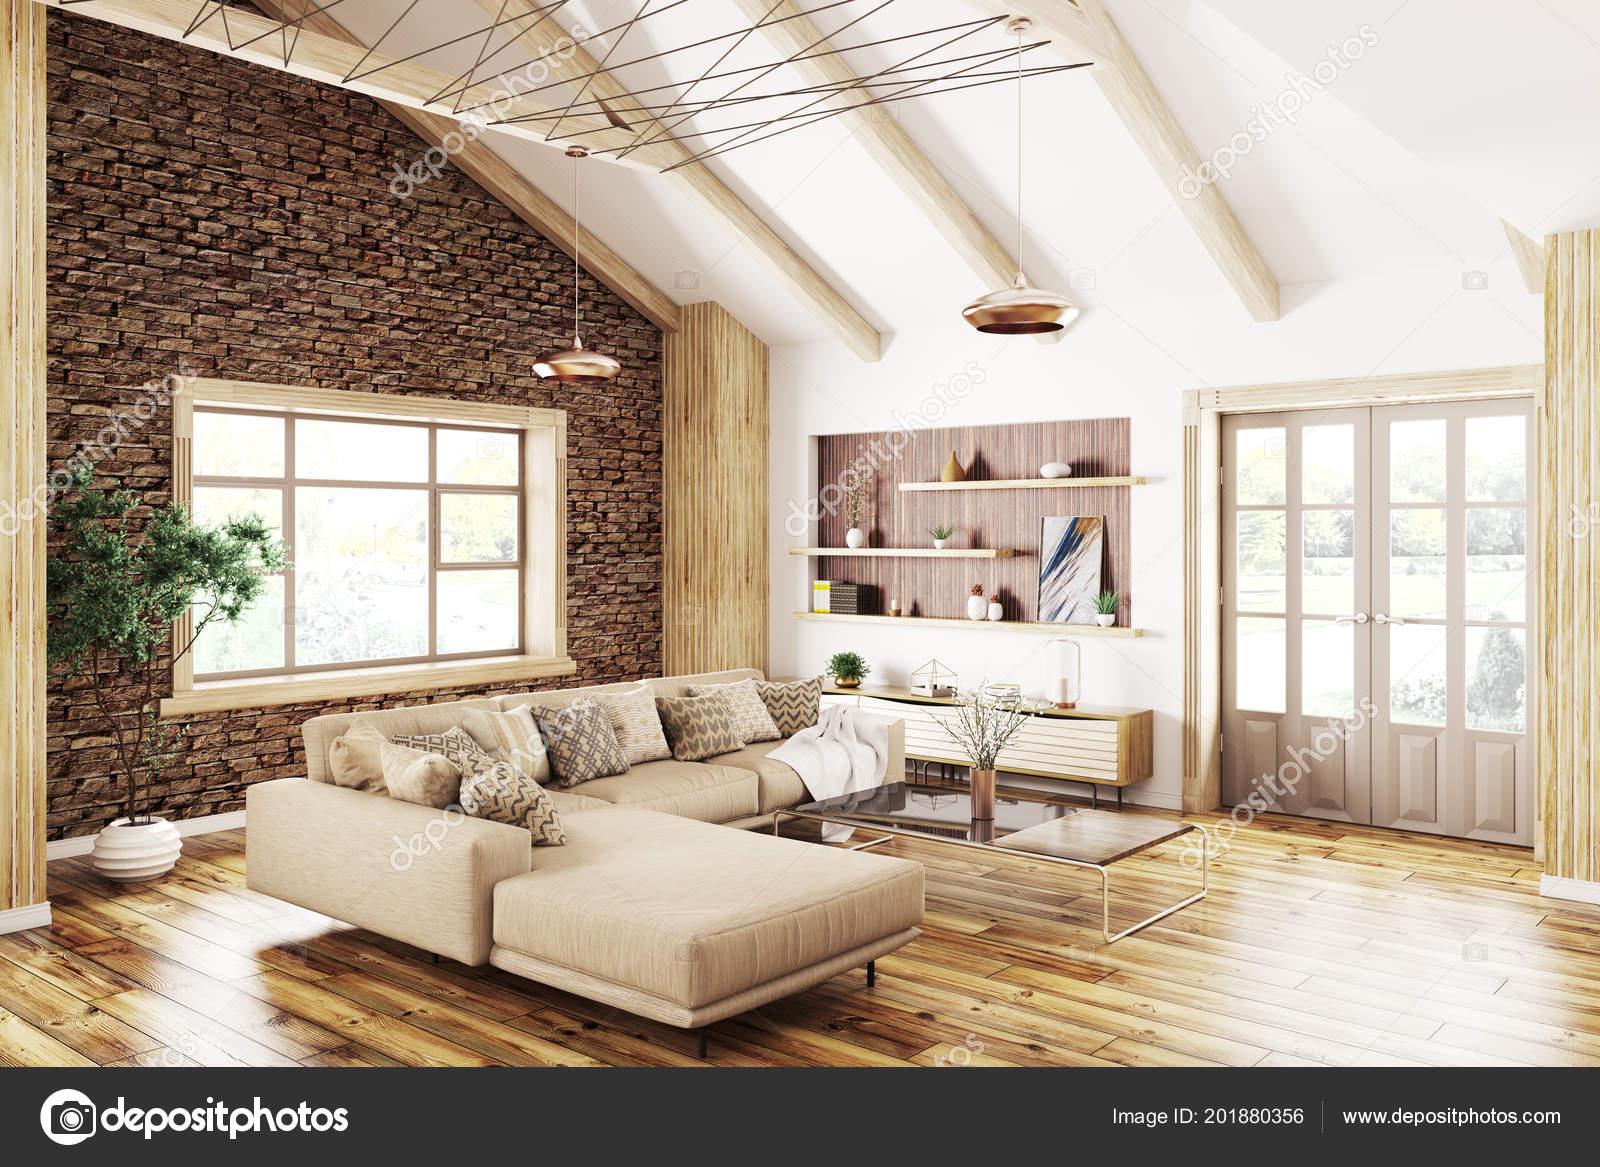 Moderne Innenarchitektur Des Hauses Wohnzimmer Mit Beige Sofa Rendering U2014  Stockfoto